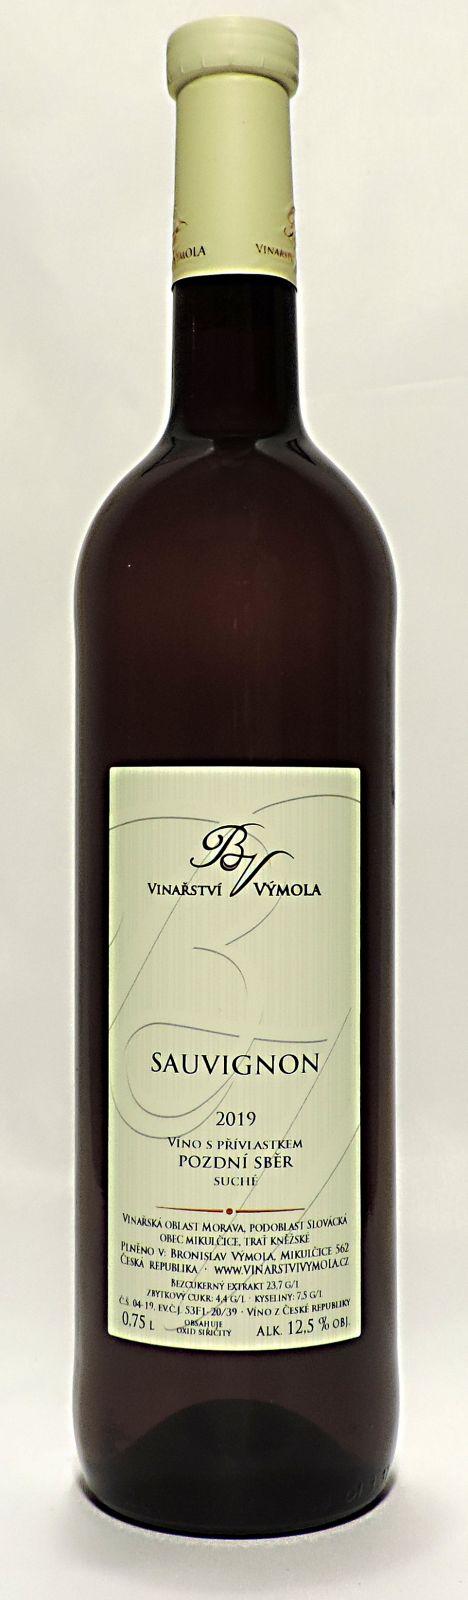 Sauvignon 2019, pozdní sběr, suché, 0,75 l - vinařství Výmola